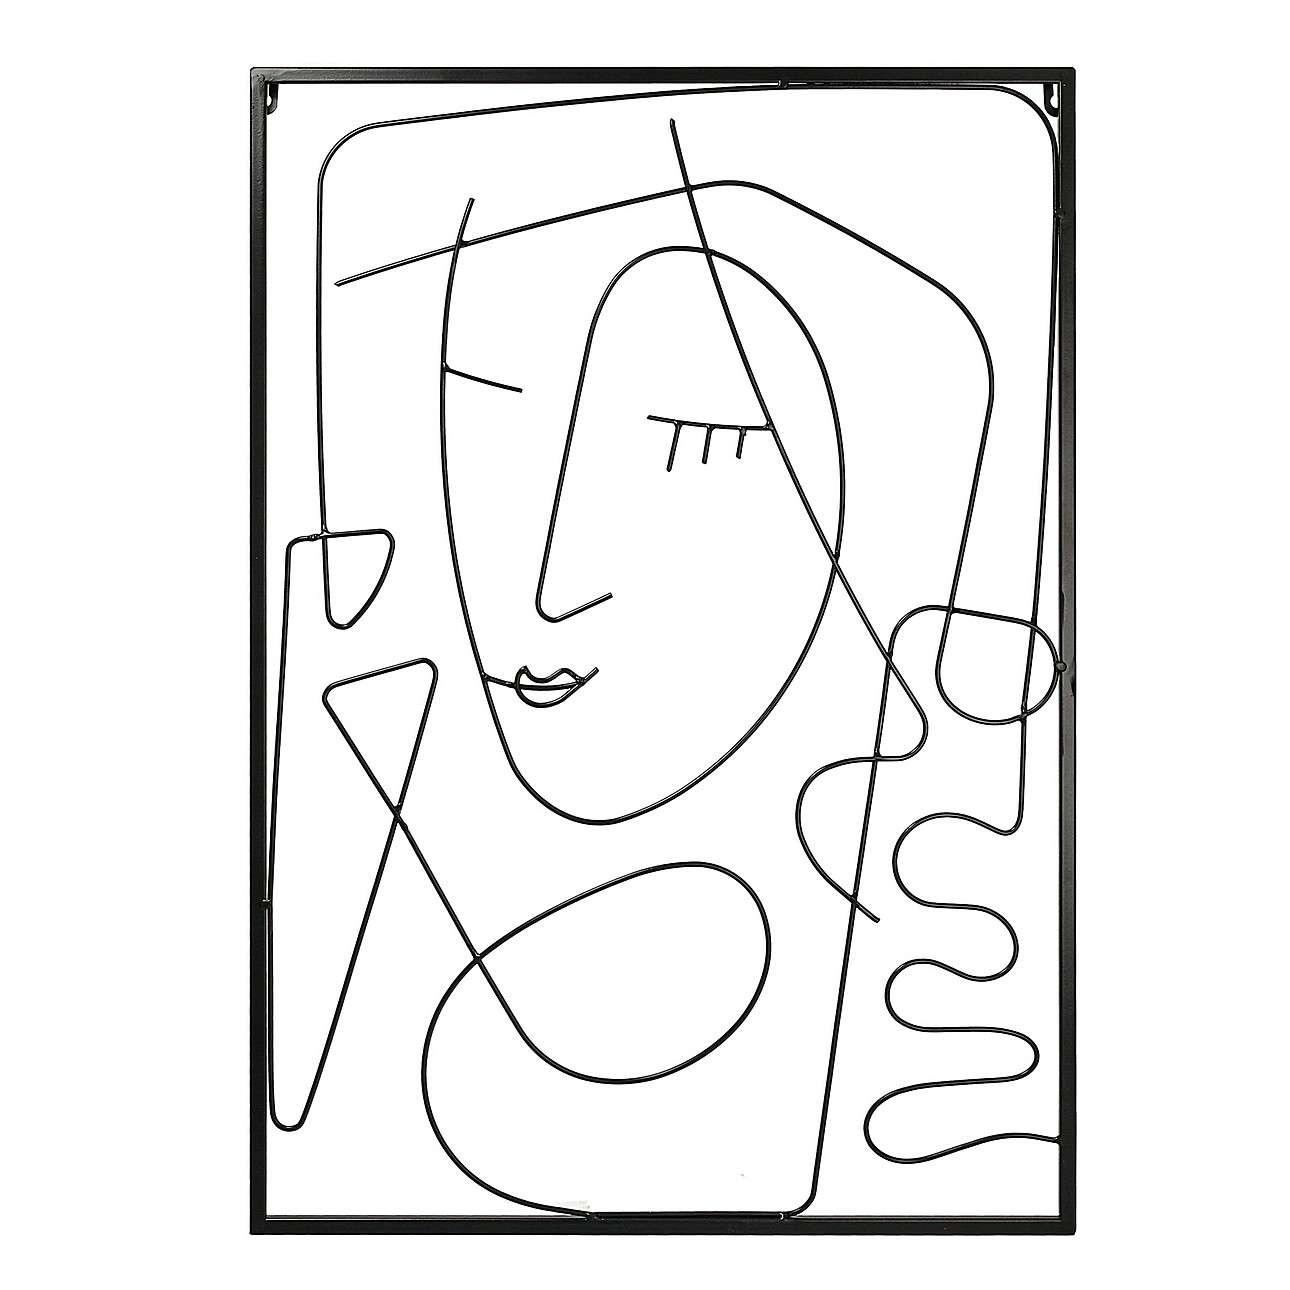 Dekoracja ścienna Line Art II